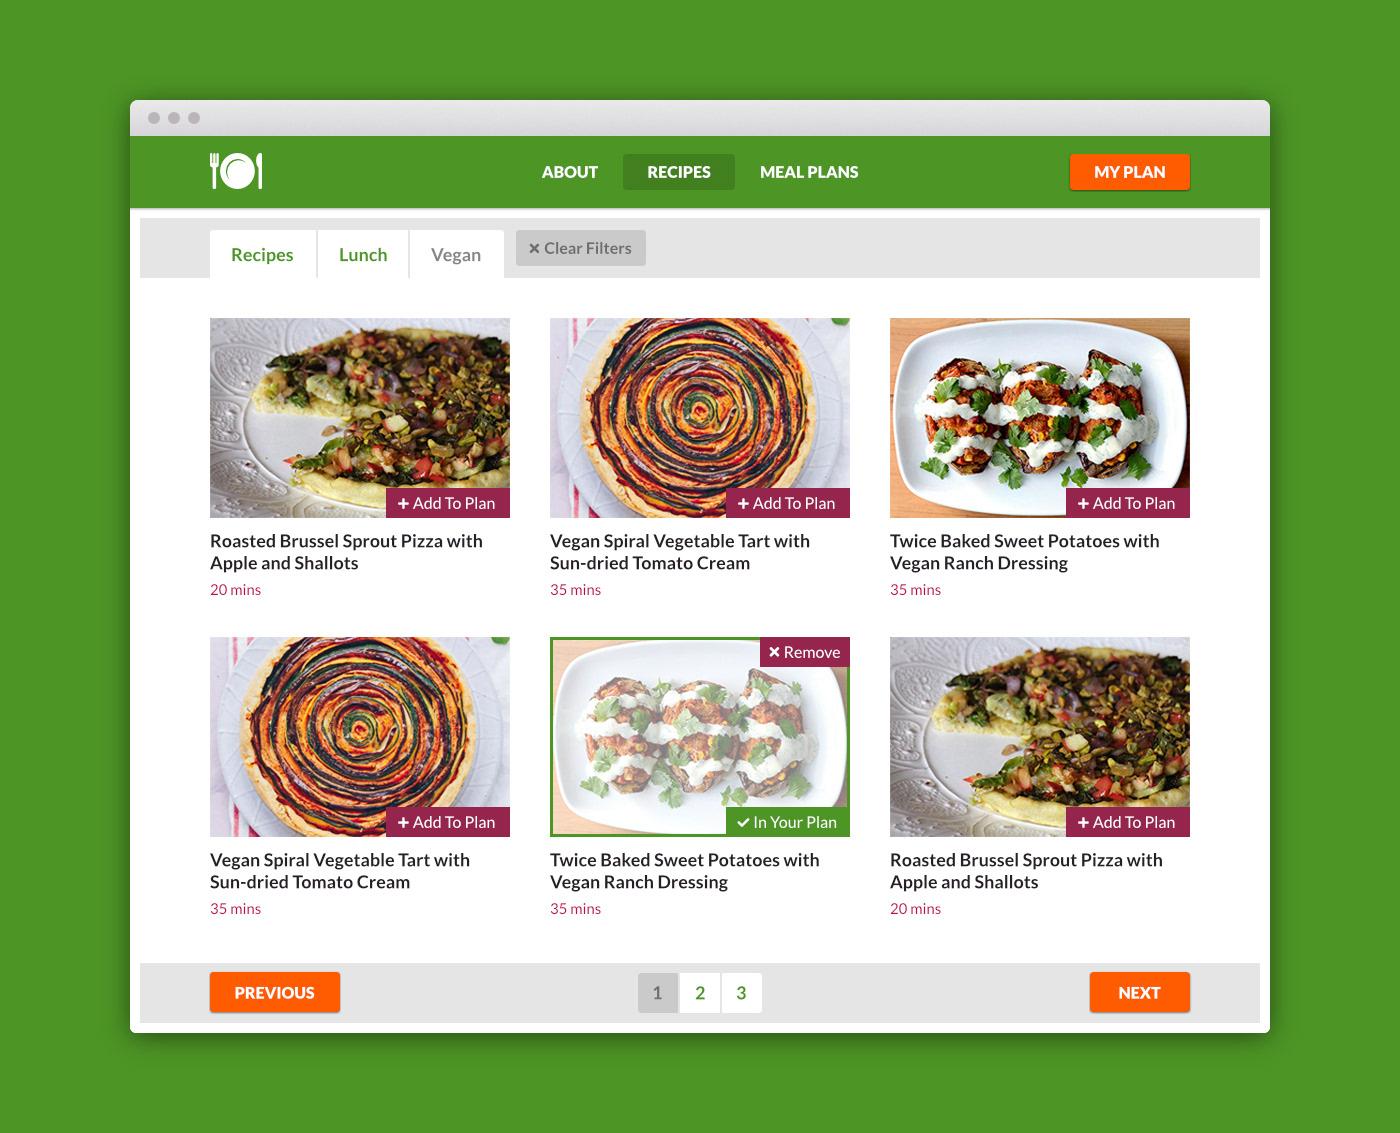 Image may contain: screenshot, abstract and food